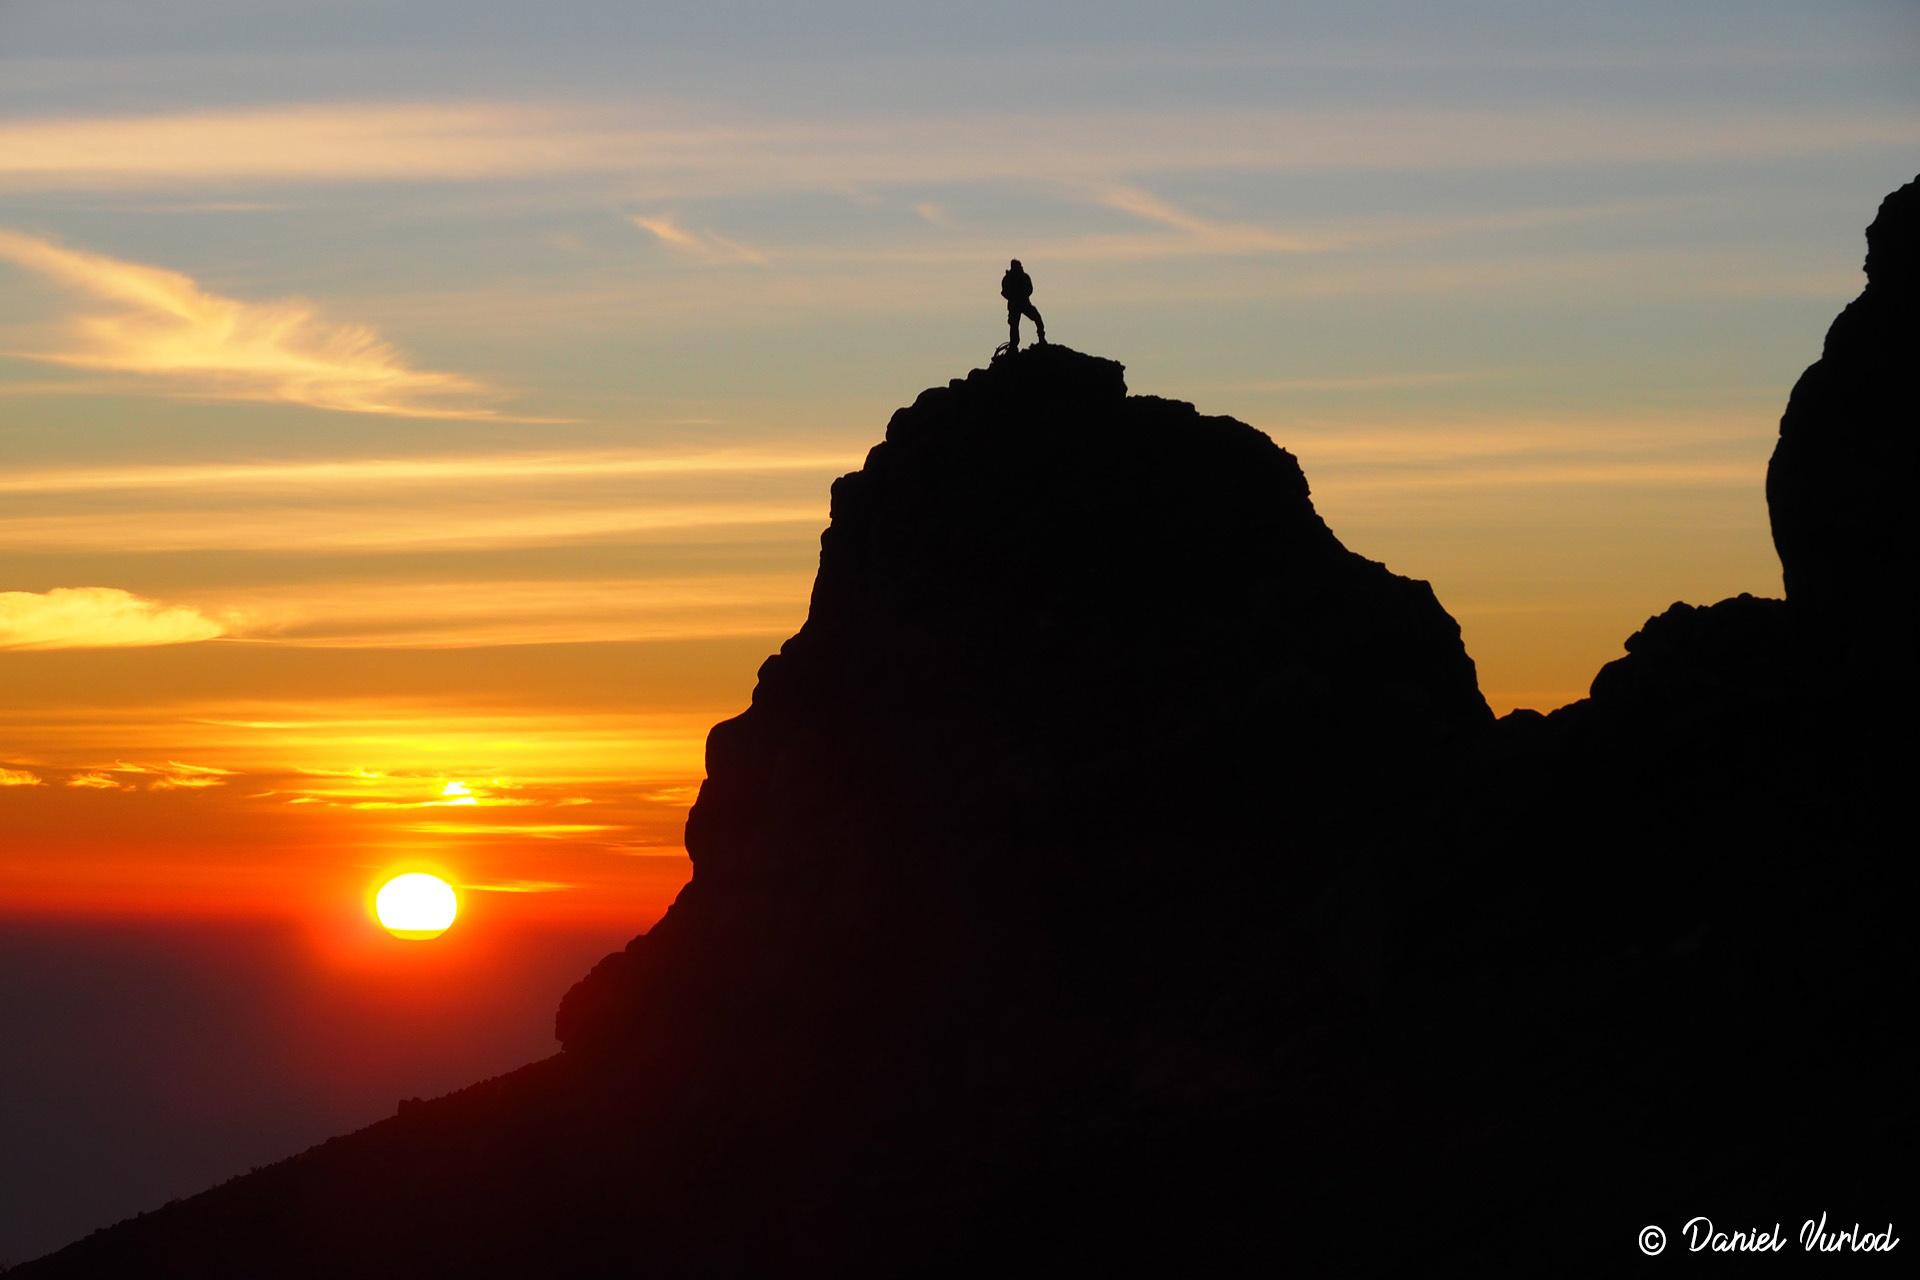 Lever de soleil depuis le sommet du Mont Agung Bali Indonésie Daniel Vurlod